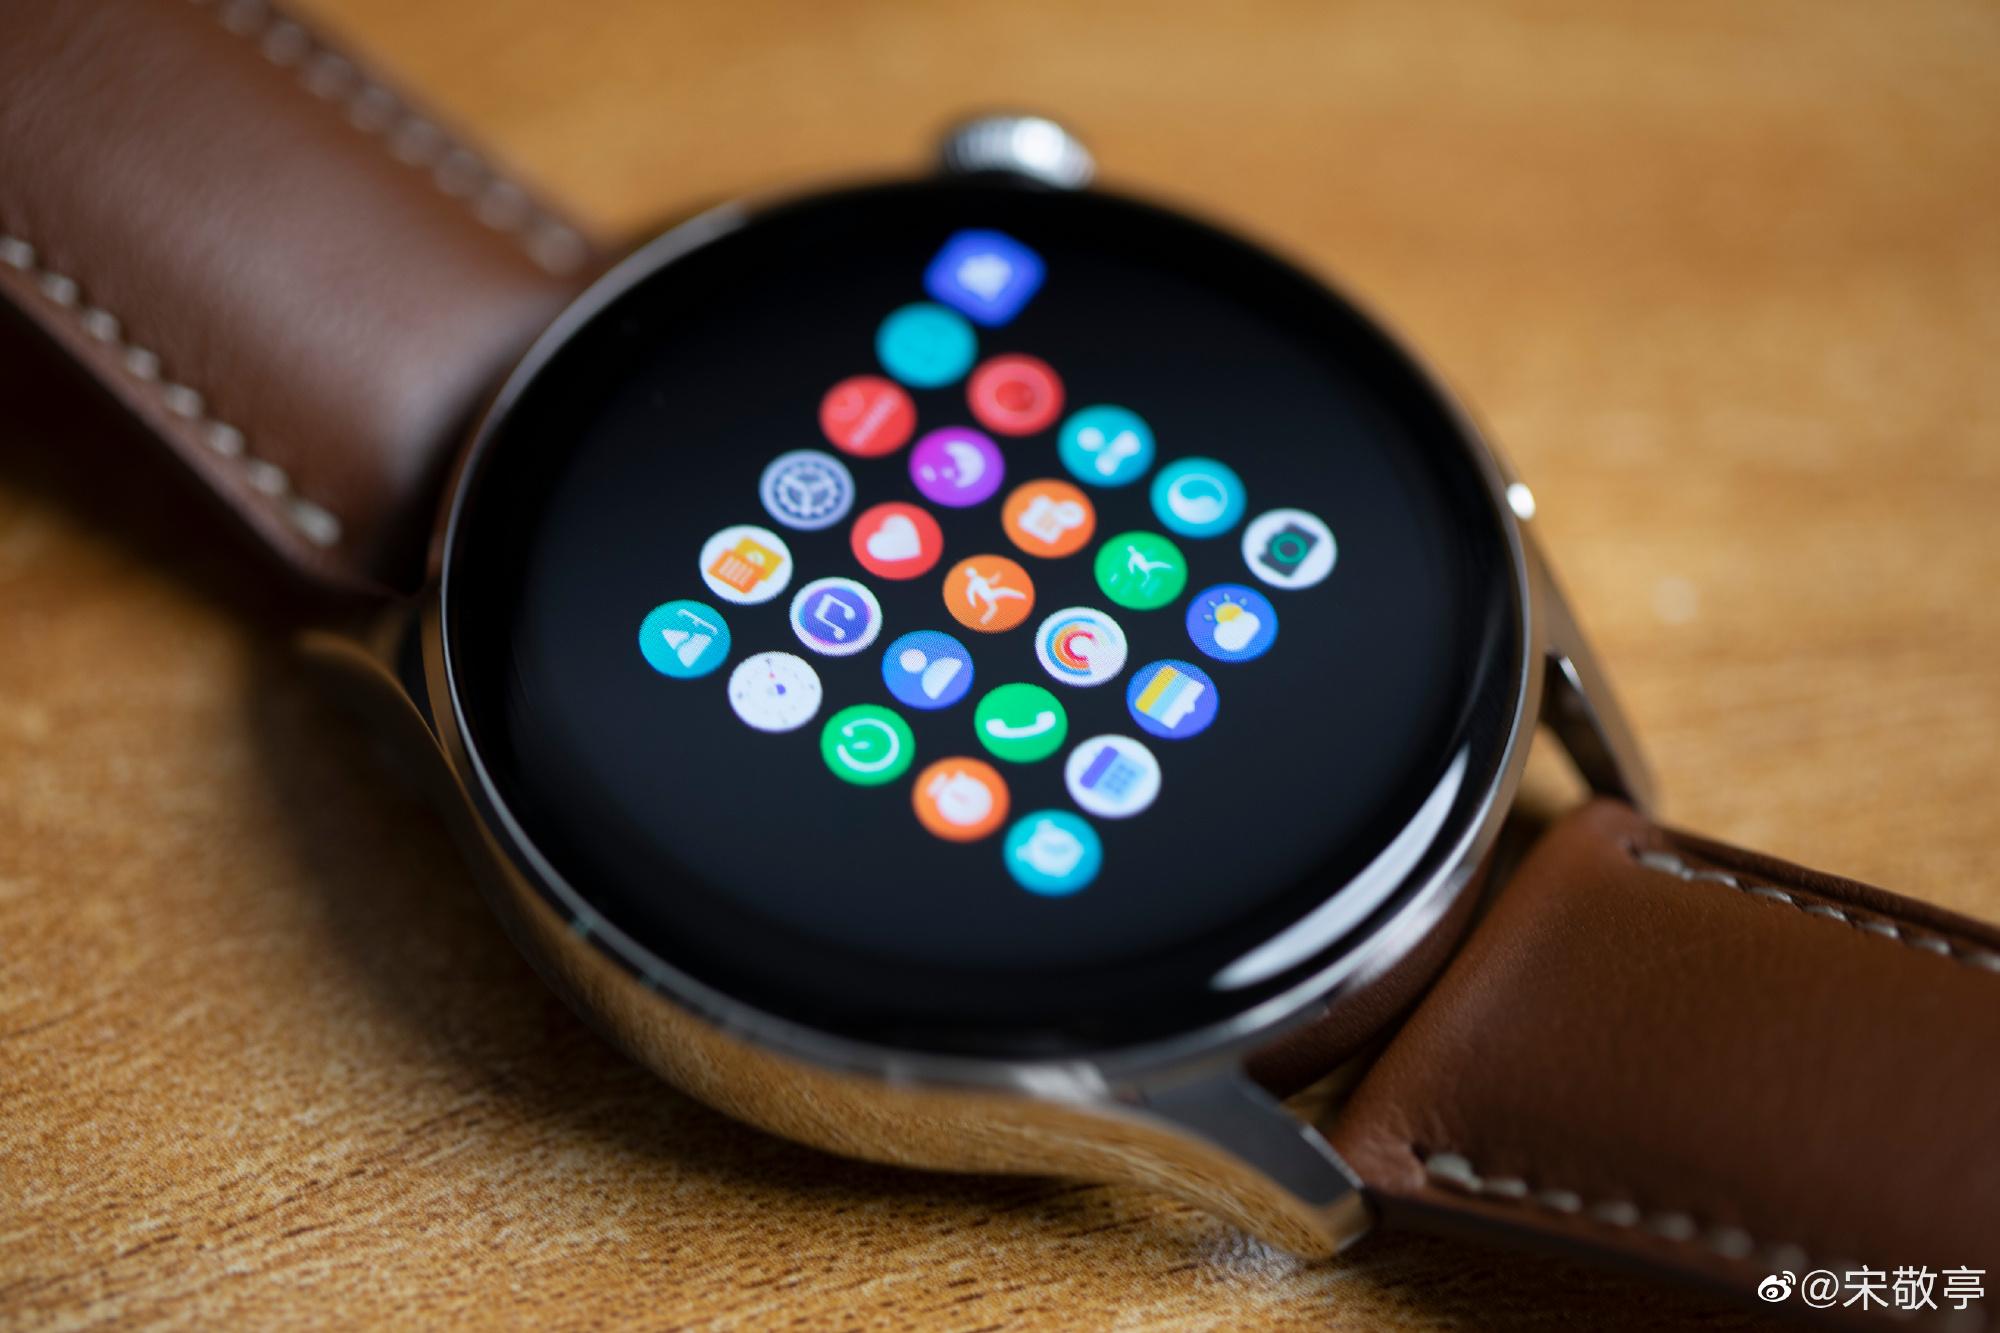 Huawei Watch 3 ra mắt: Có núm xoay như Apple Watch, chạy HarmonyOS, pin 3 ngày, giá từ 9.4 triệu đồng - Ảnh 7.